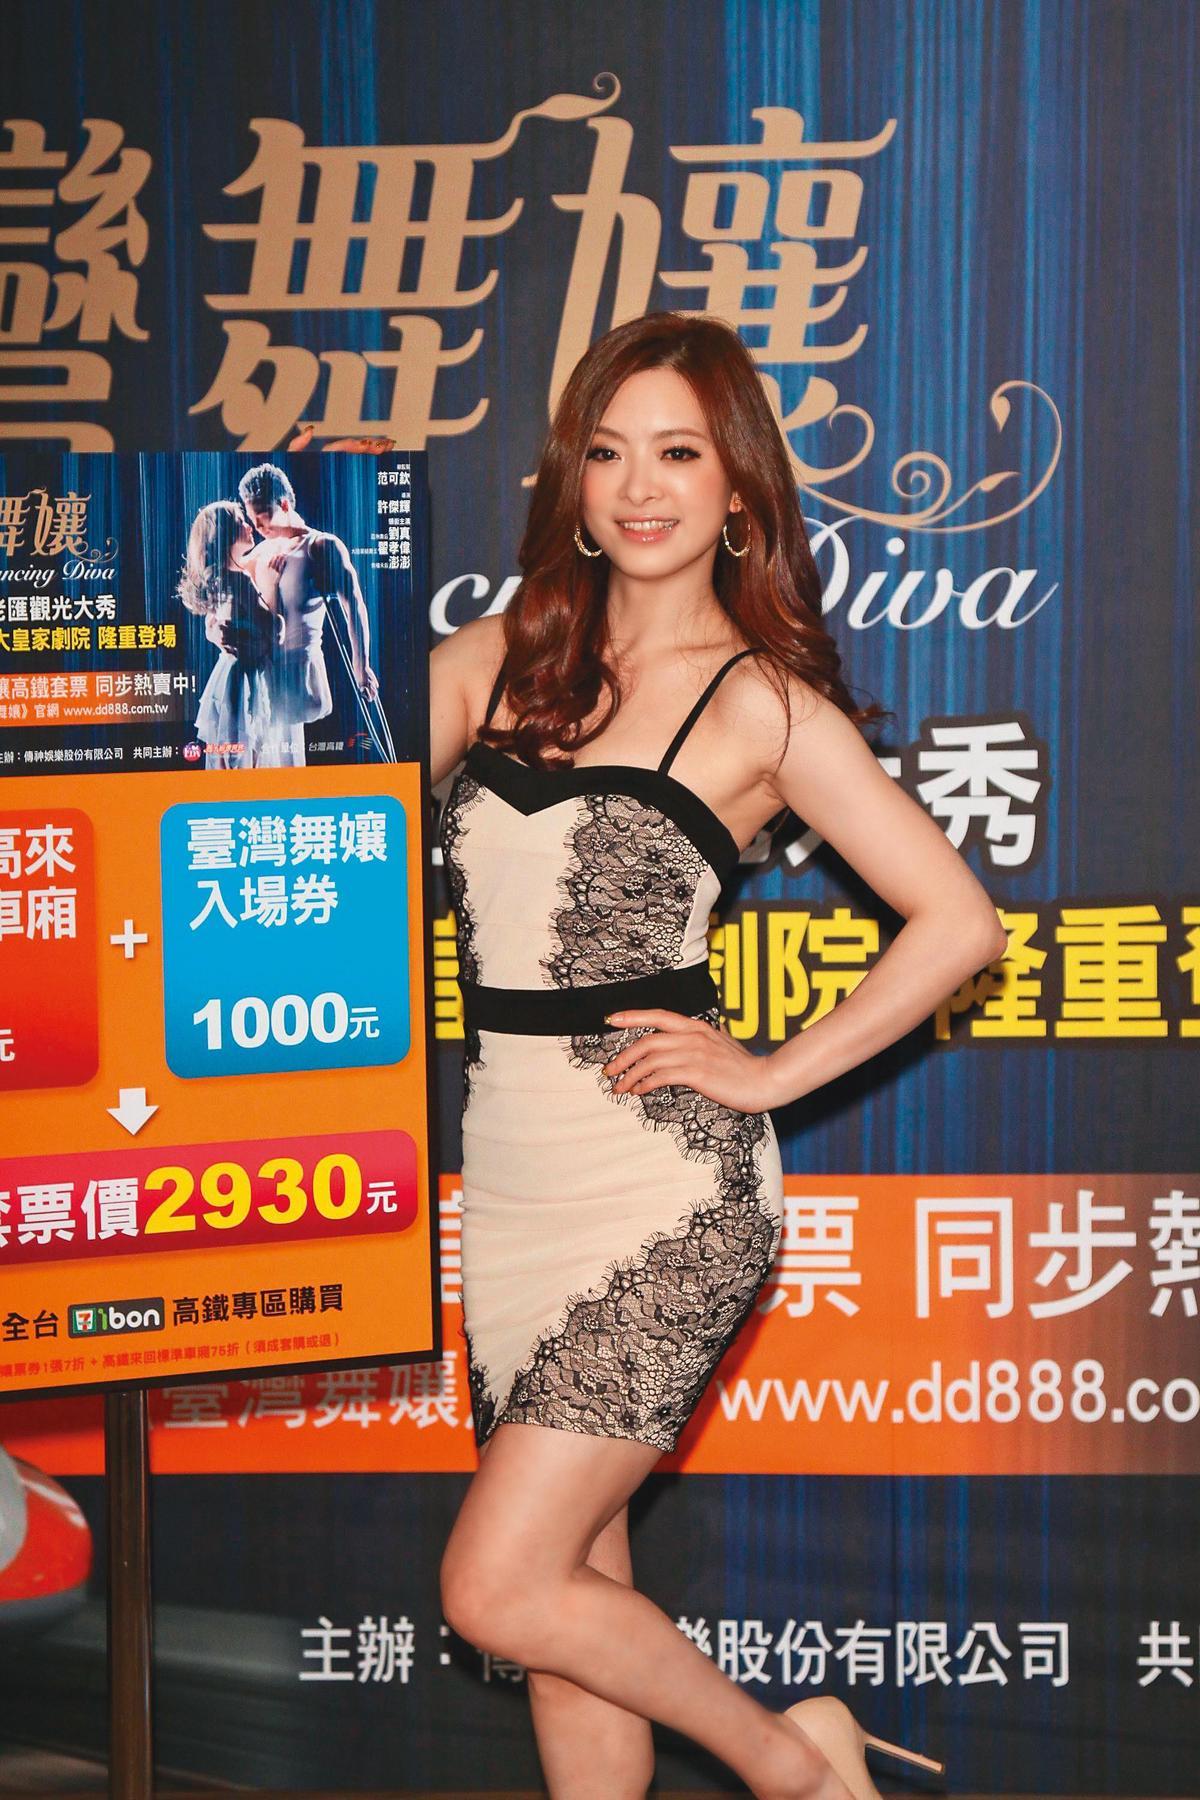 劉真出席活動時多以充滿女人味的造型現身,令觀眾對她的好身材印象深刻。(東方IC)